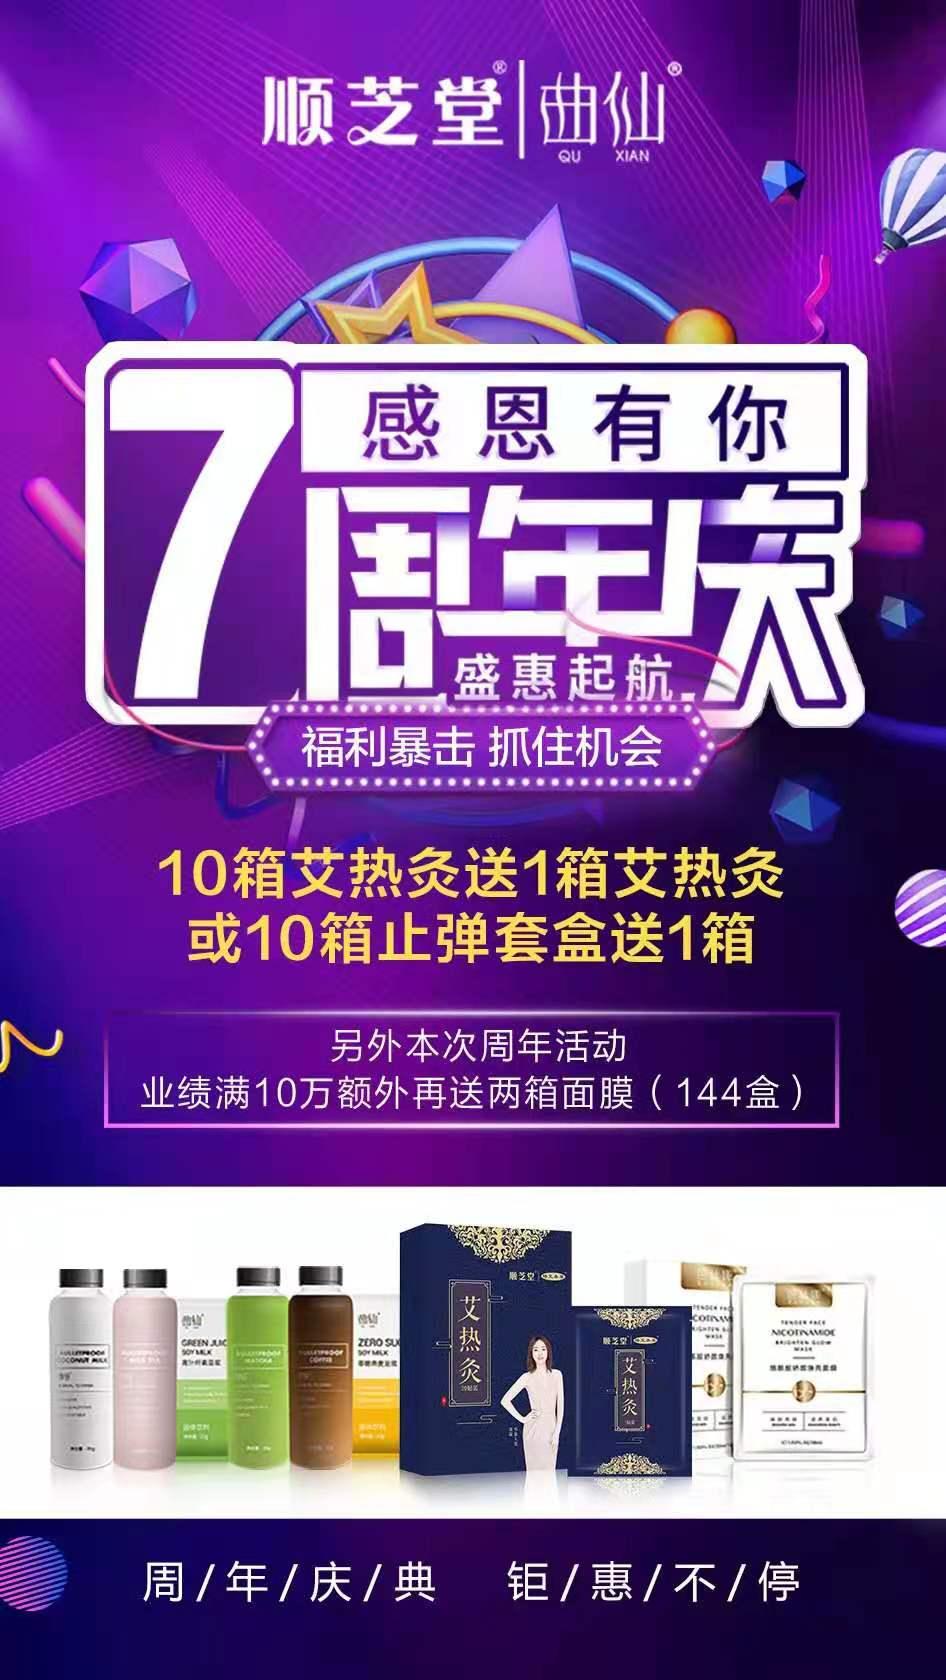 顺芝堂曲仙公司7周年,回馈客户代理活动开启!